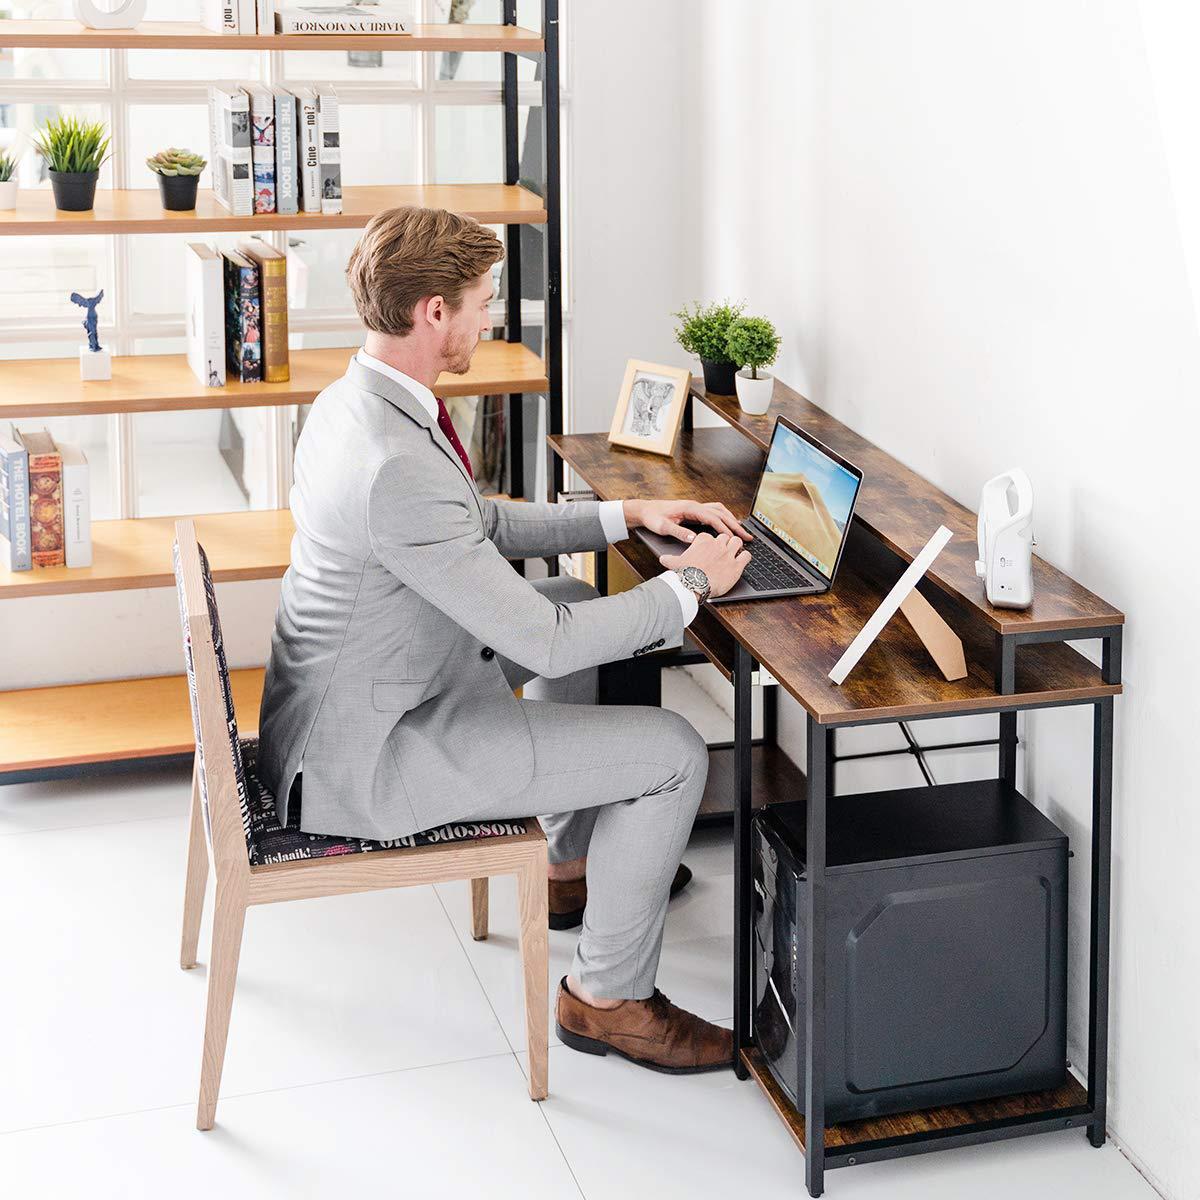 批量定制简约现代电脑桌家用桌办公桌学生桌书架电脑笔记本学习桌